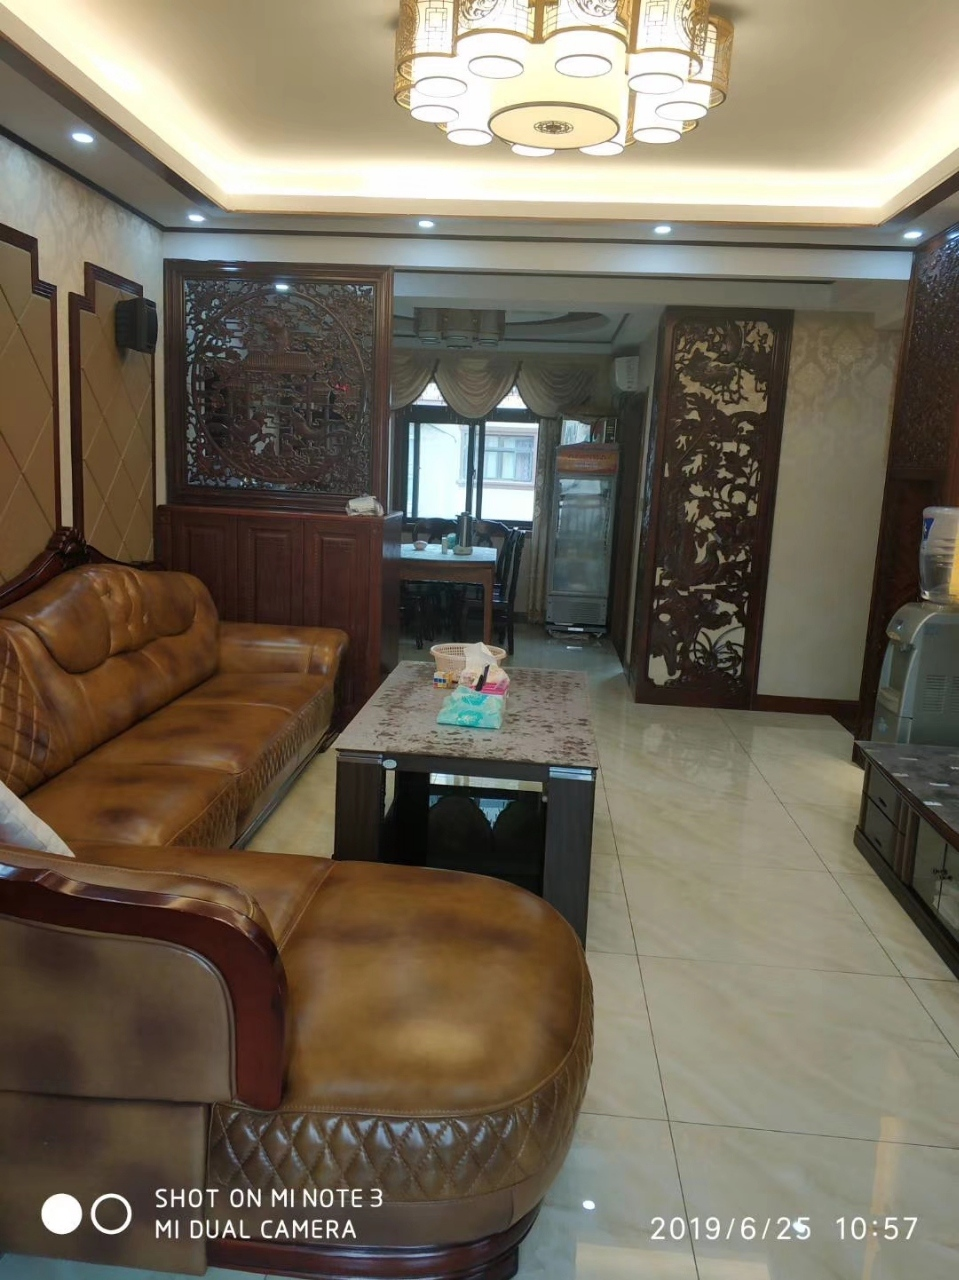 嘉华城·清漪阁4室2厅2卫110万元,业主急卖